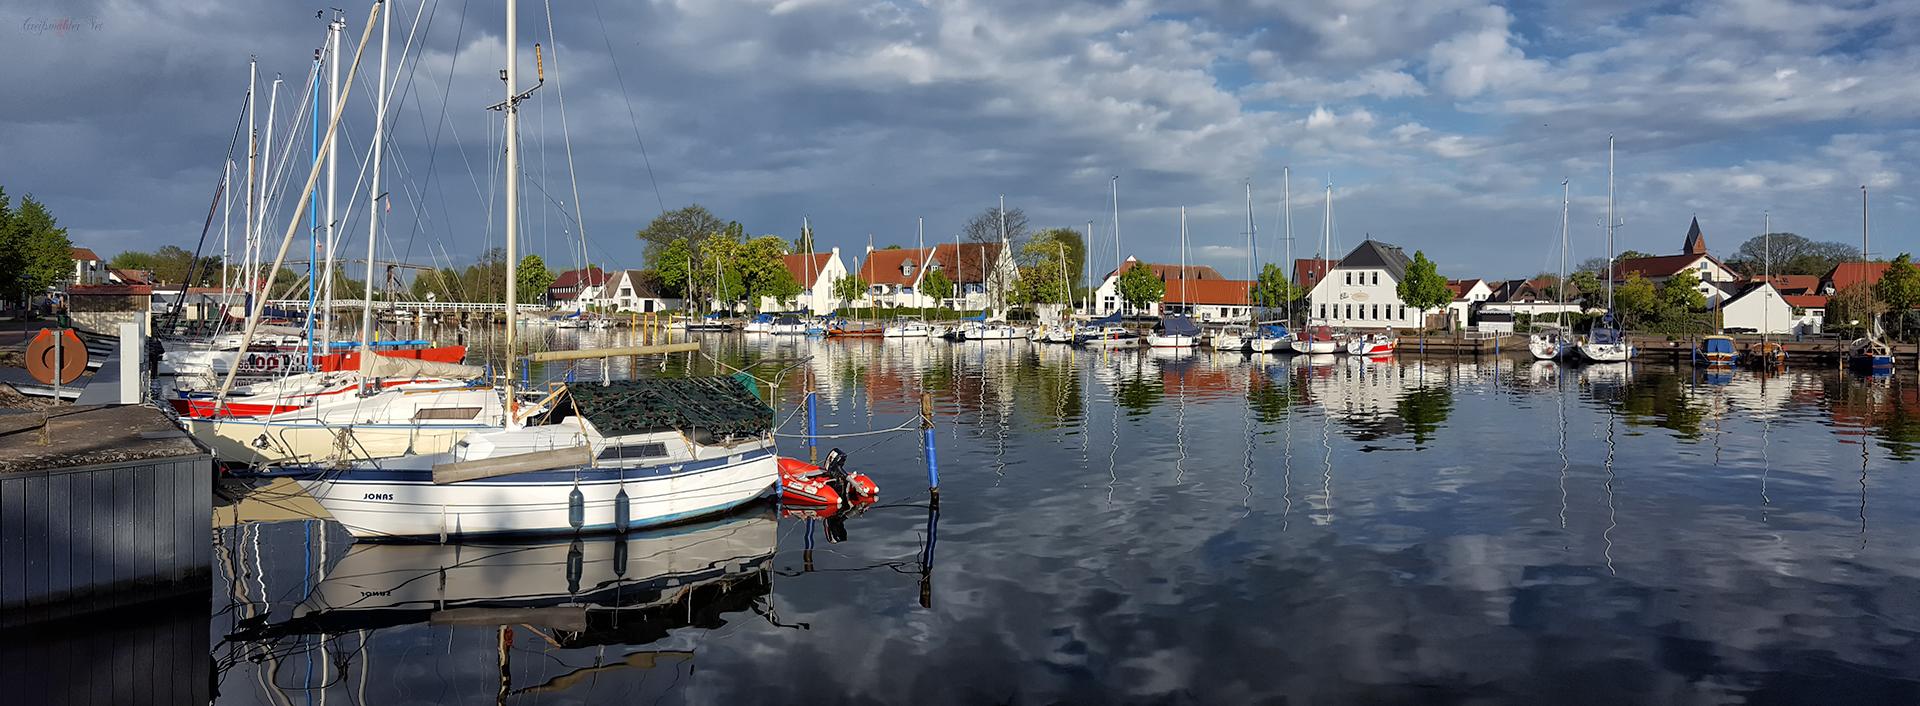 Freitagmorgen bei Sonnenschein in Greifswald-Wieck